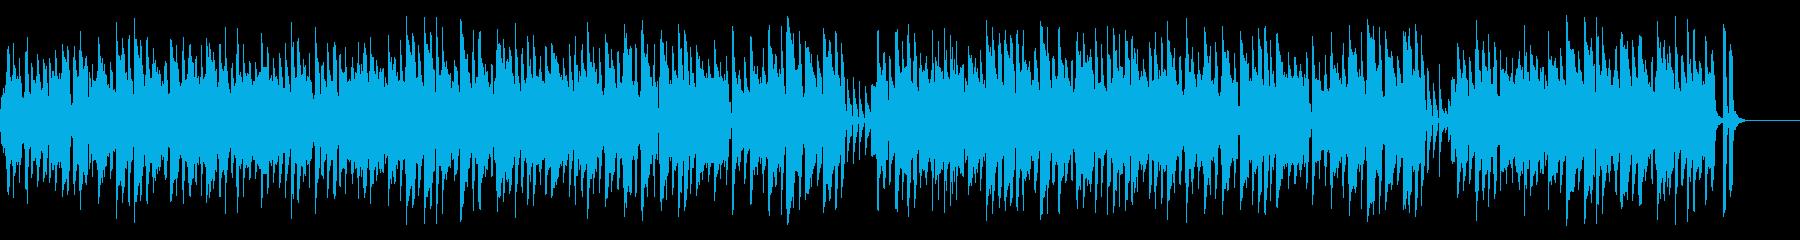 優雅なアコーディオンでショパンの名曲の再生済みの波形